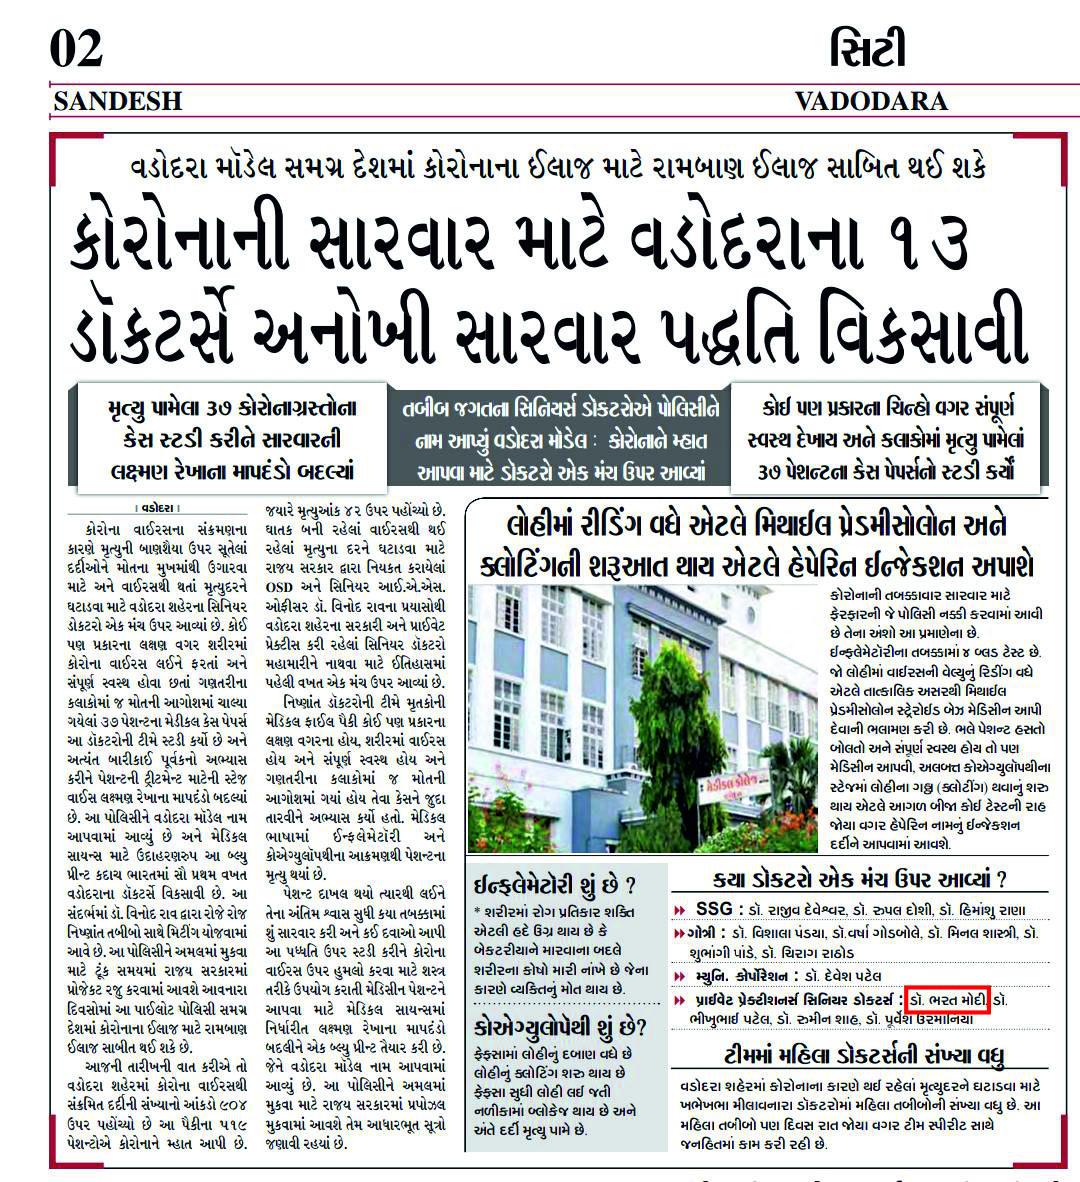 Sandesh News